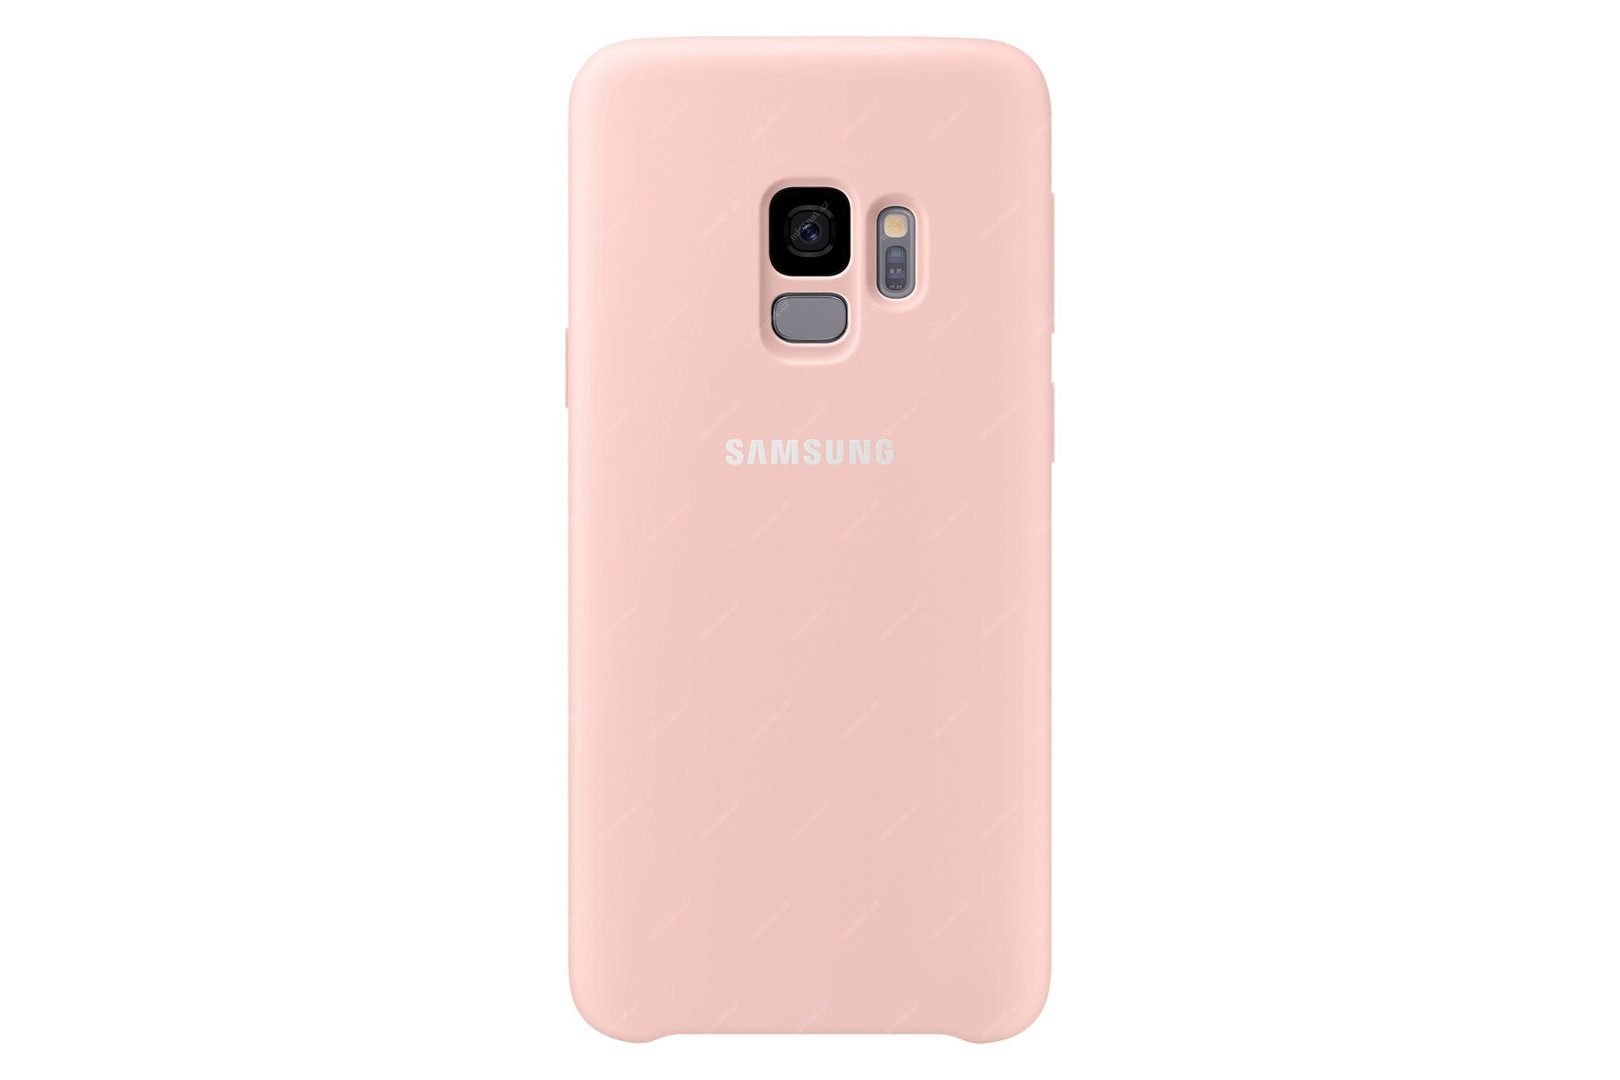 69340796 - Samsung Silikonový zadní kryt pro Samsung Galaxy S9 růžová 21384c2473f